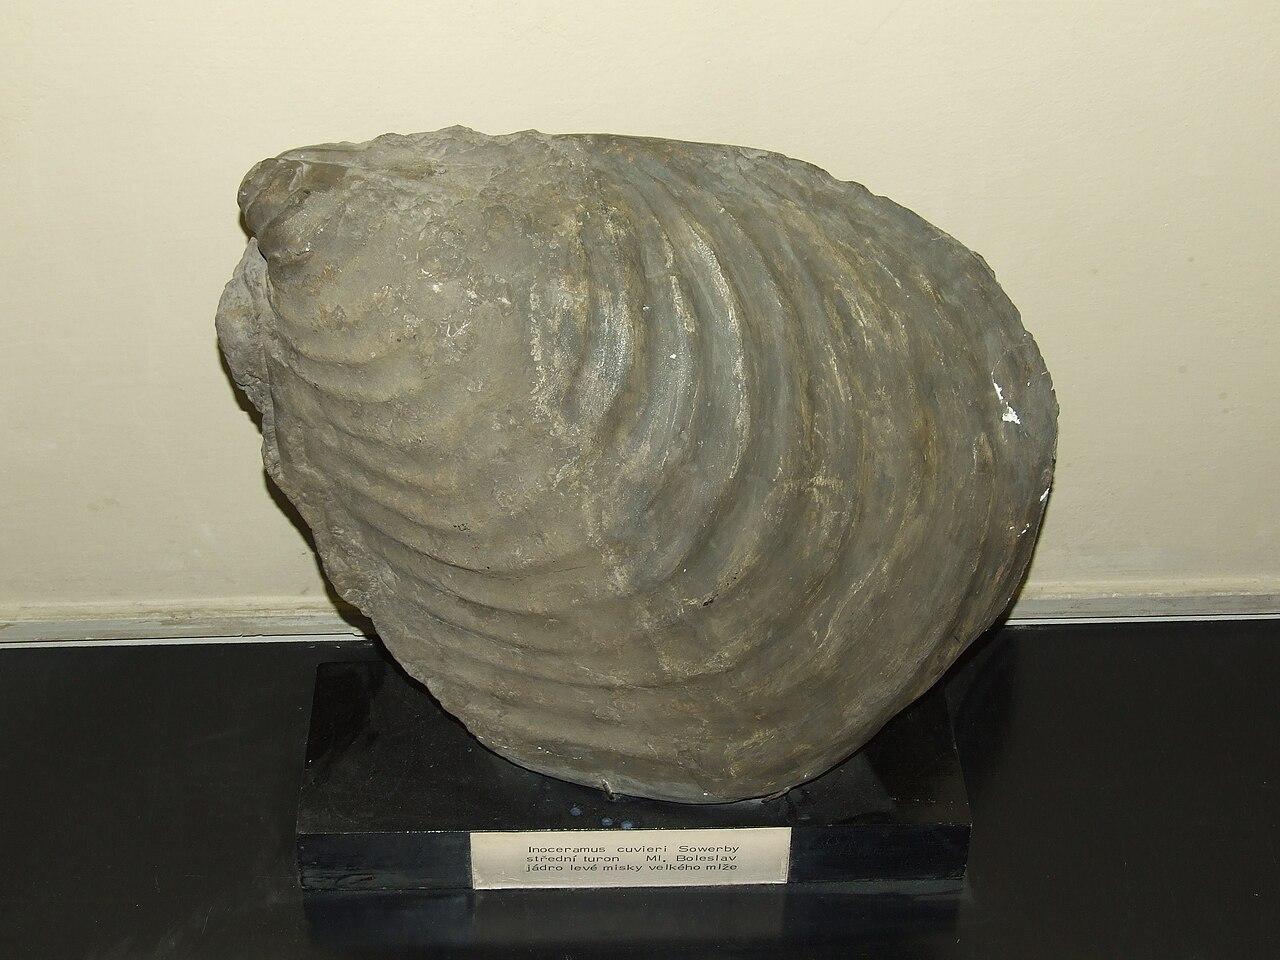 1280px-Inoceramus_cuvieri_Palaeontological_exhibition_Prague.jpg